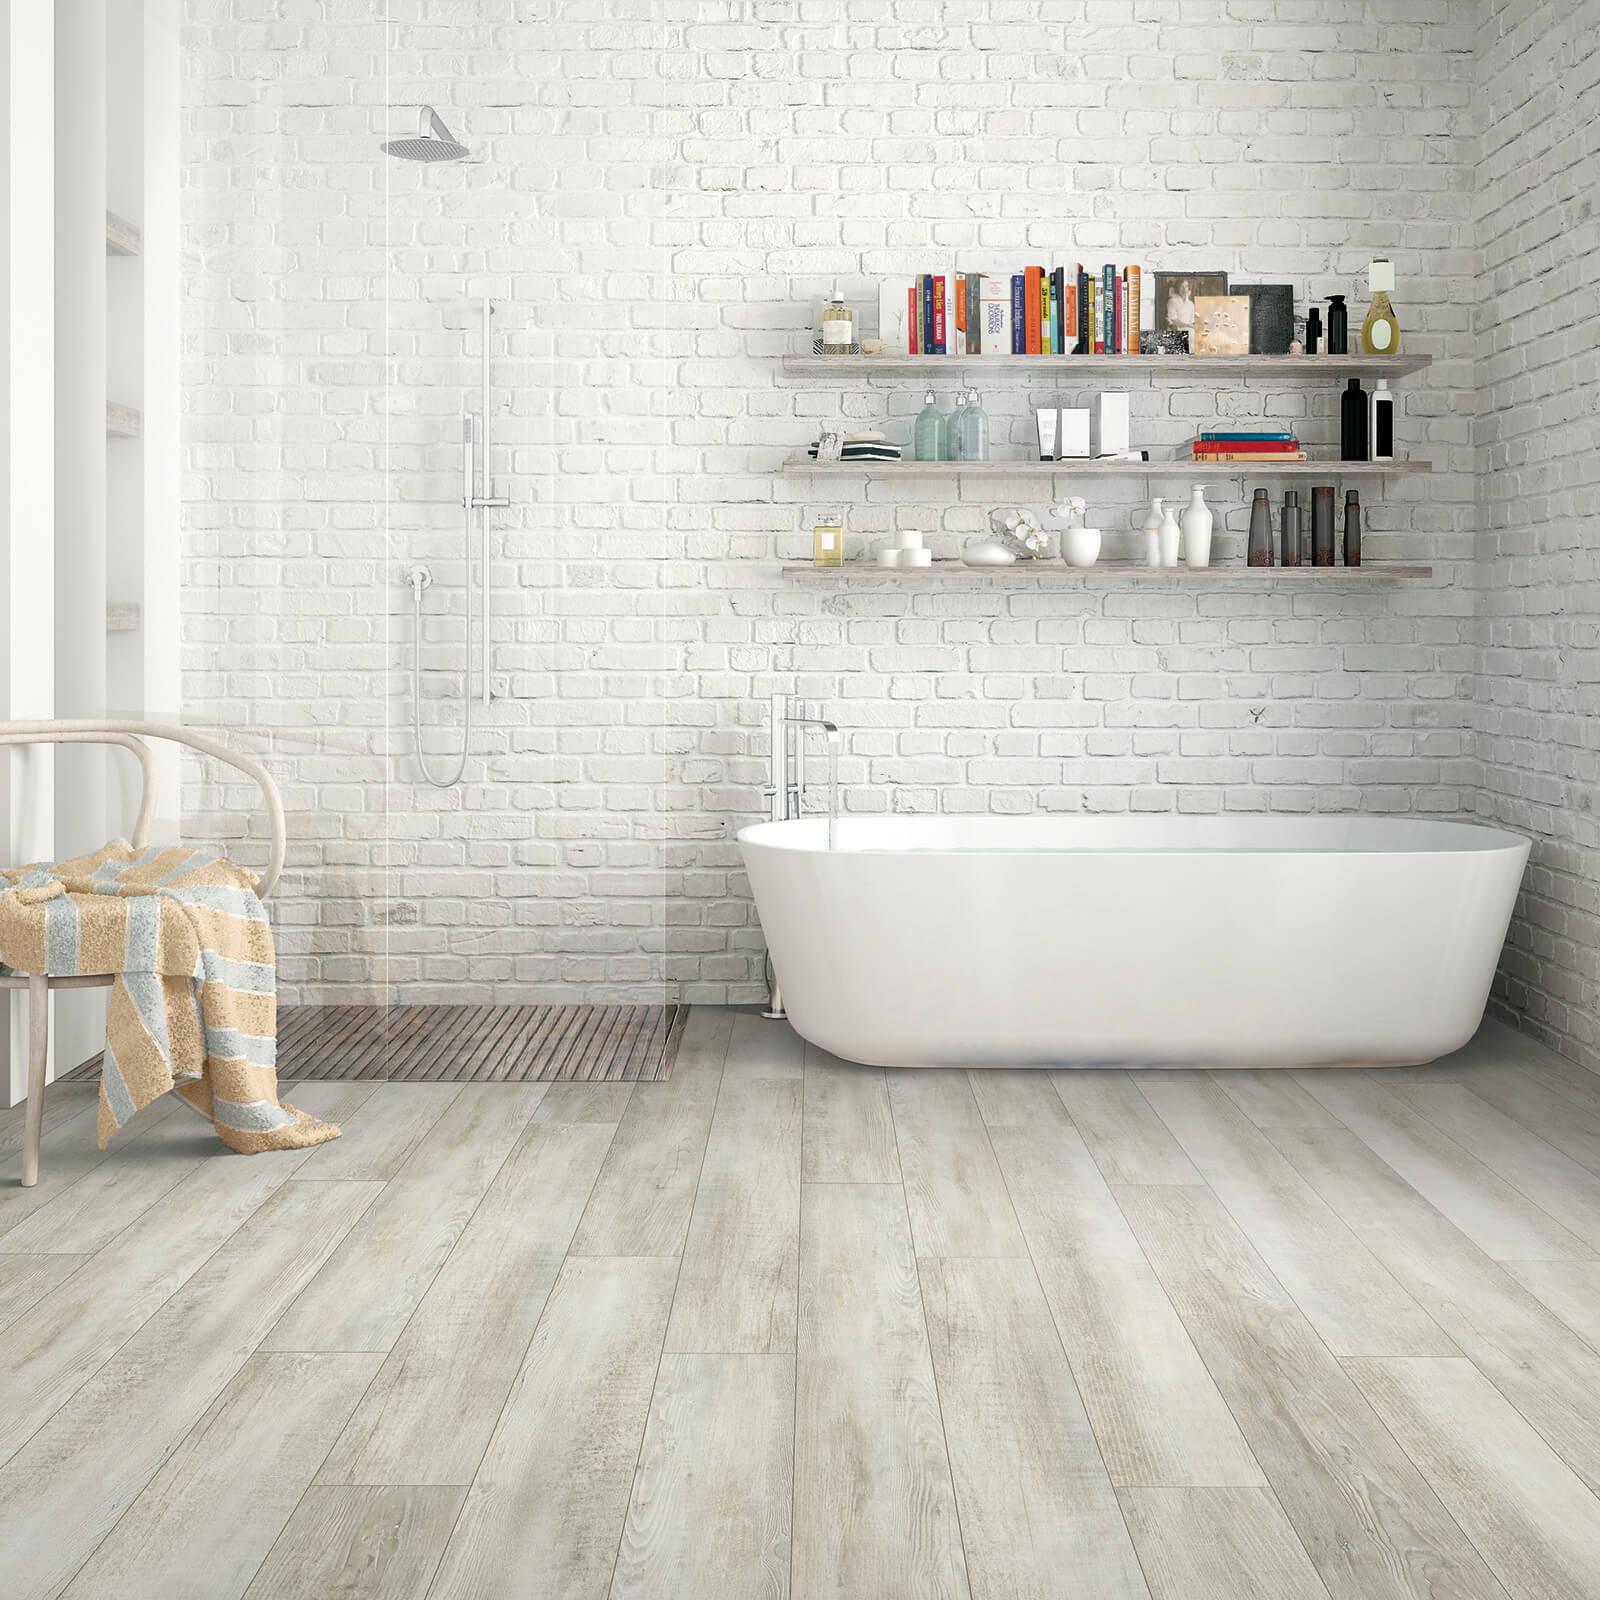 vinyl flooring in bathroom | Flooring by Wilson's Carpet Plus